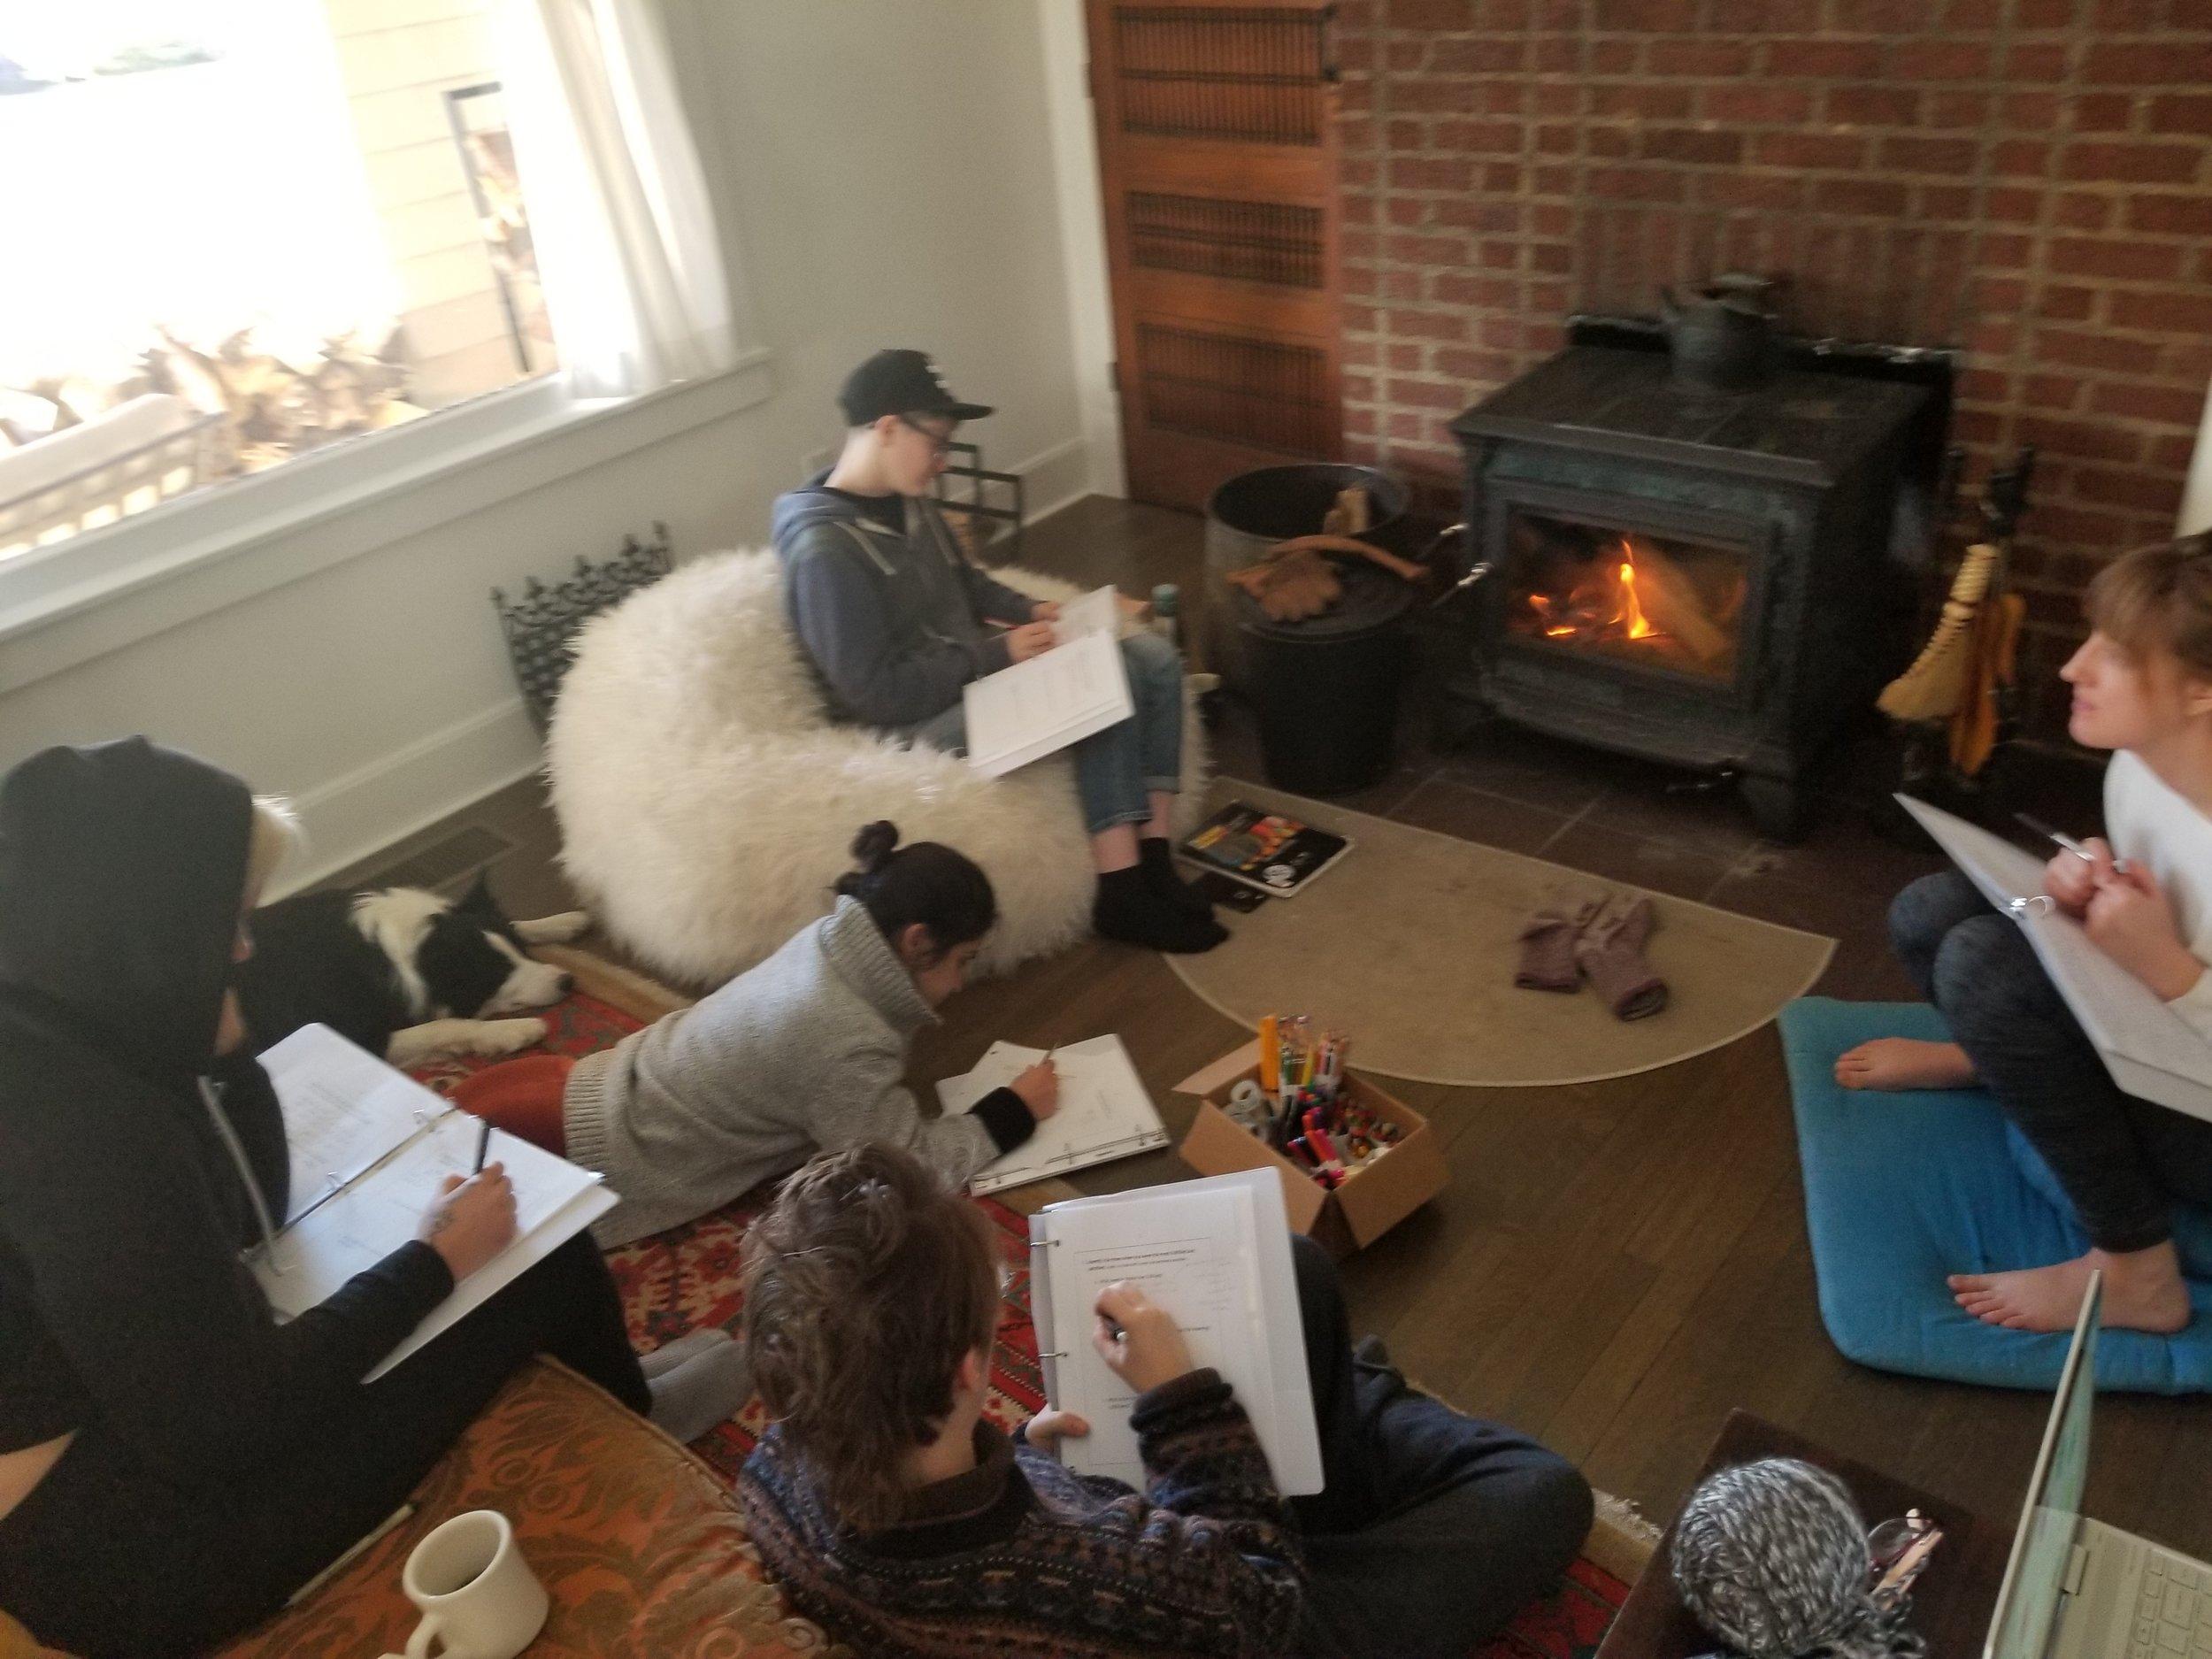 retreat 4 work by fire.jpg